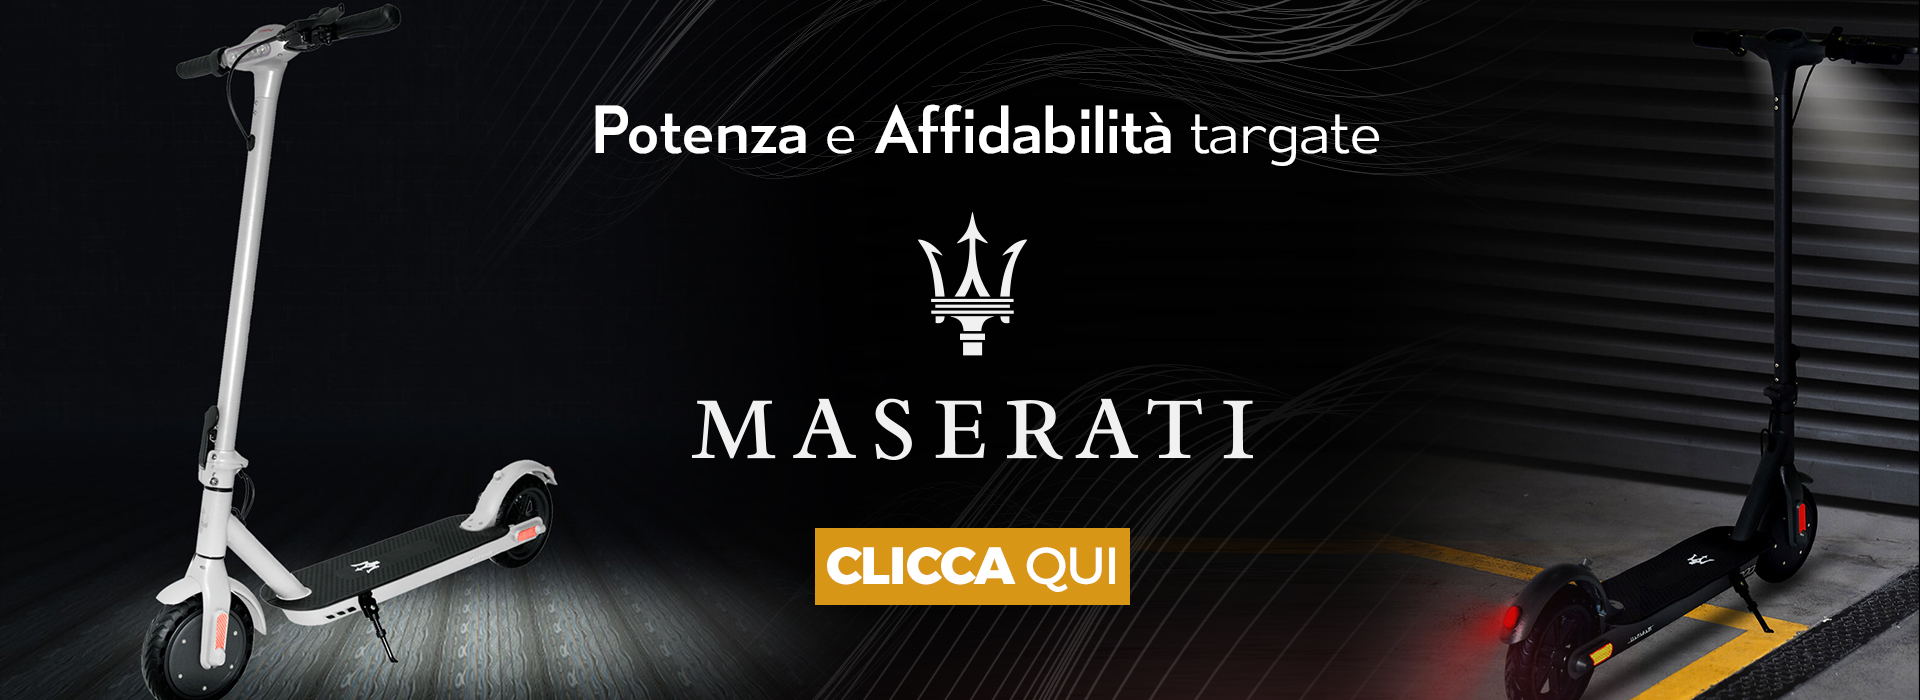 Скутер Maserati